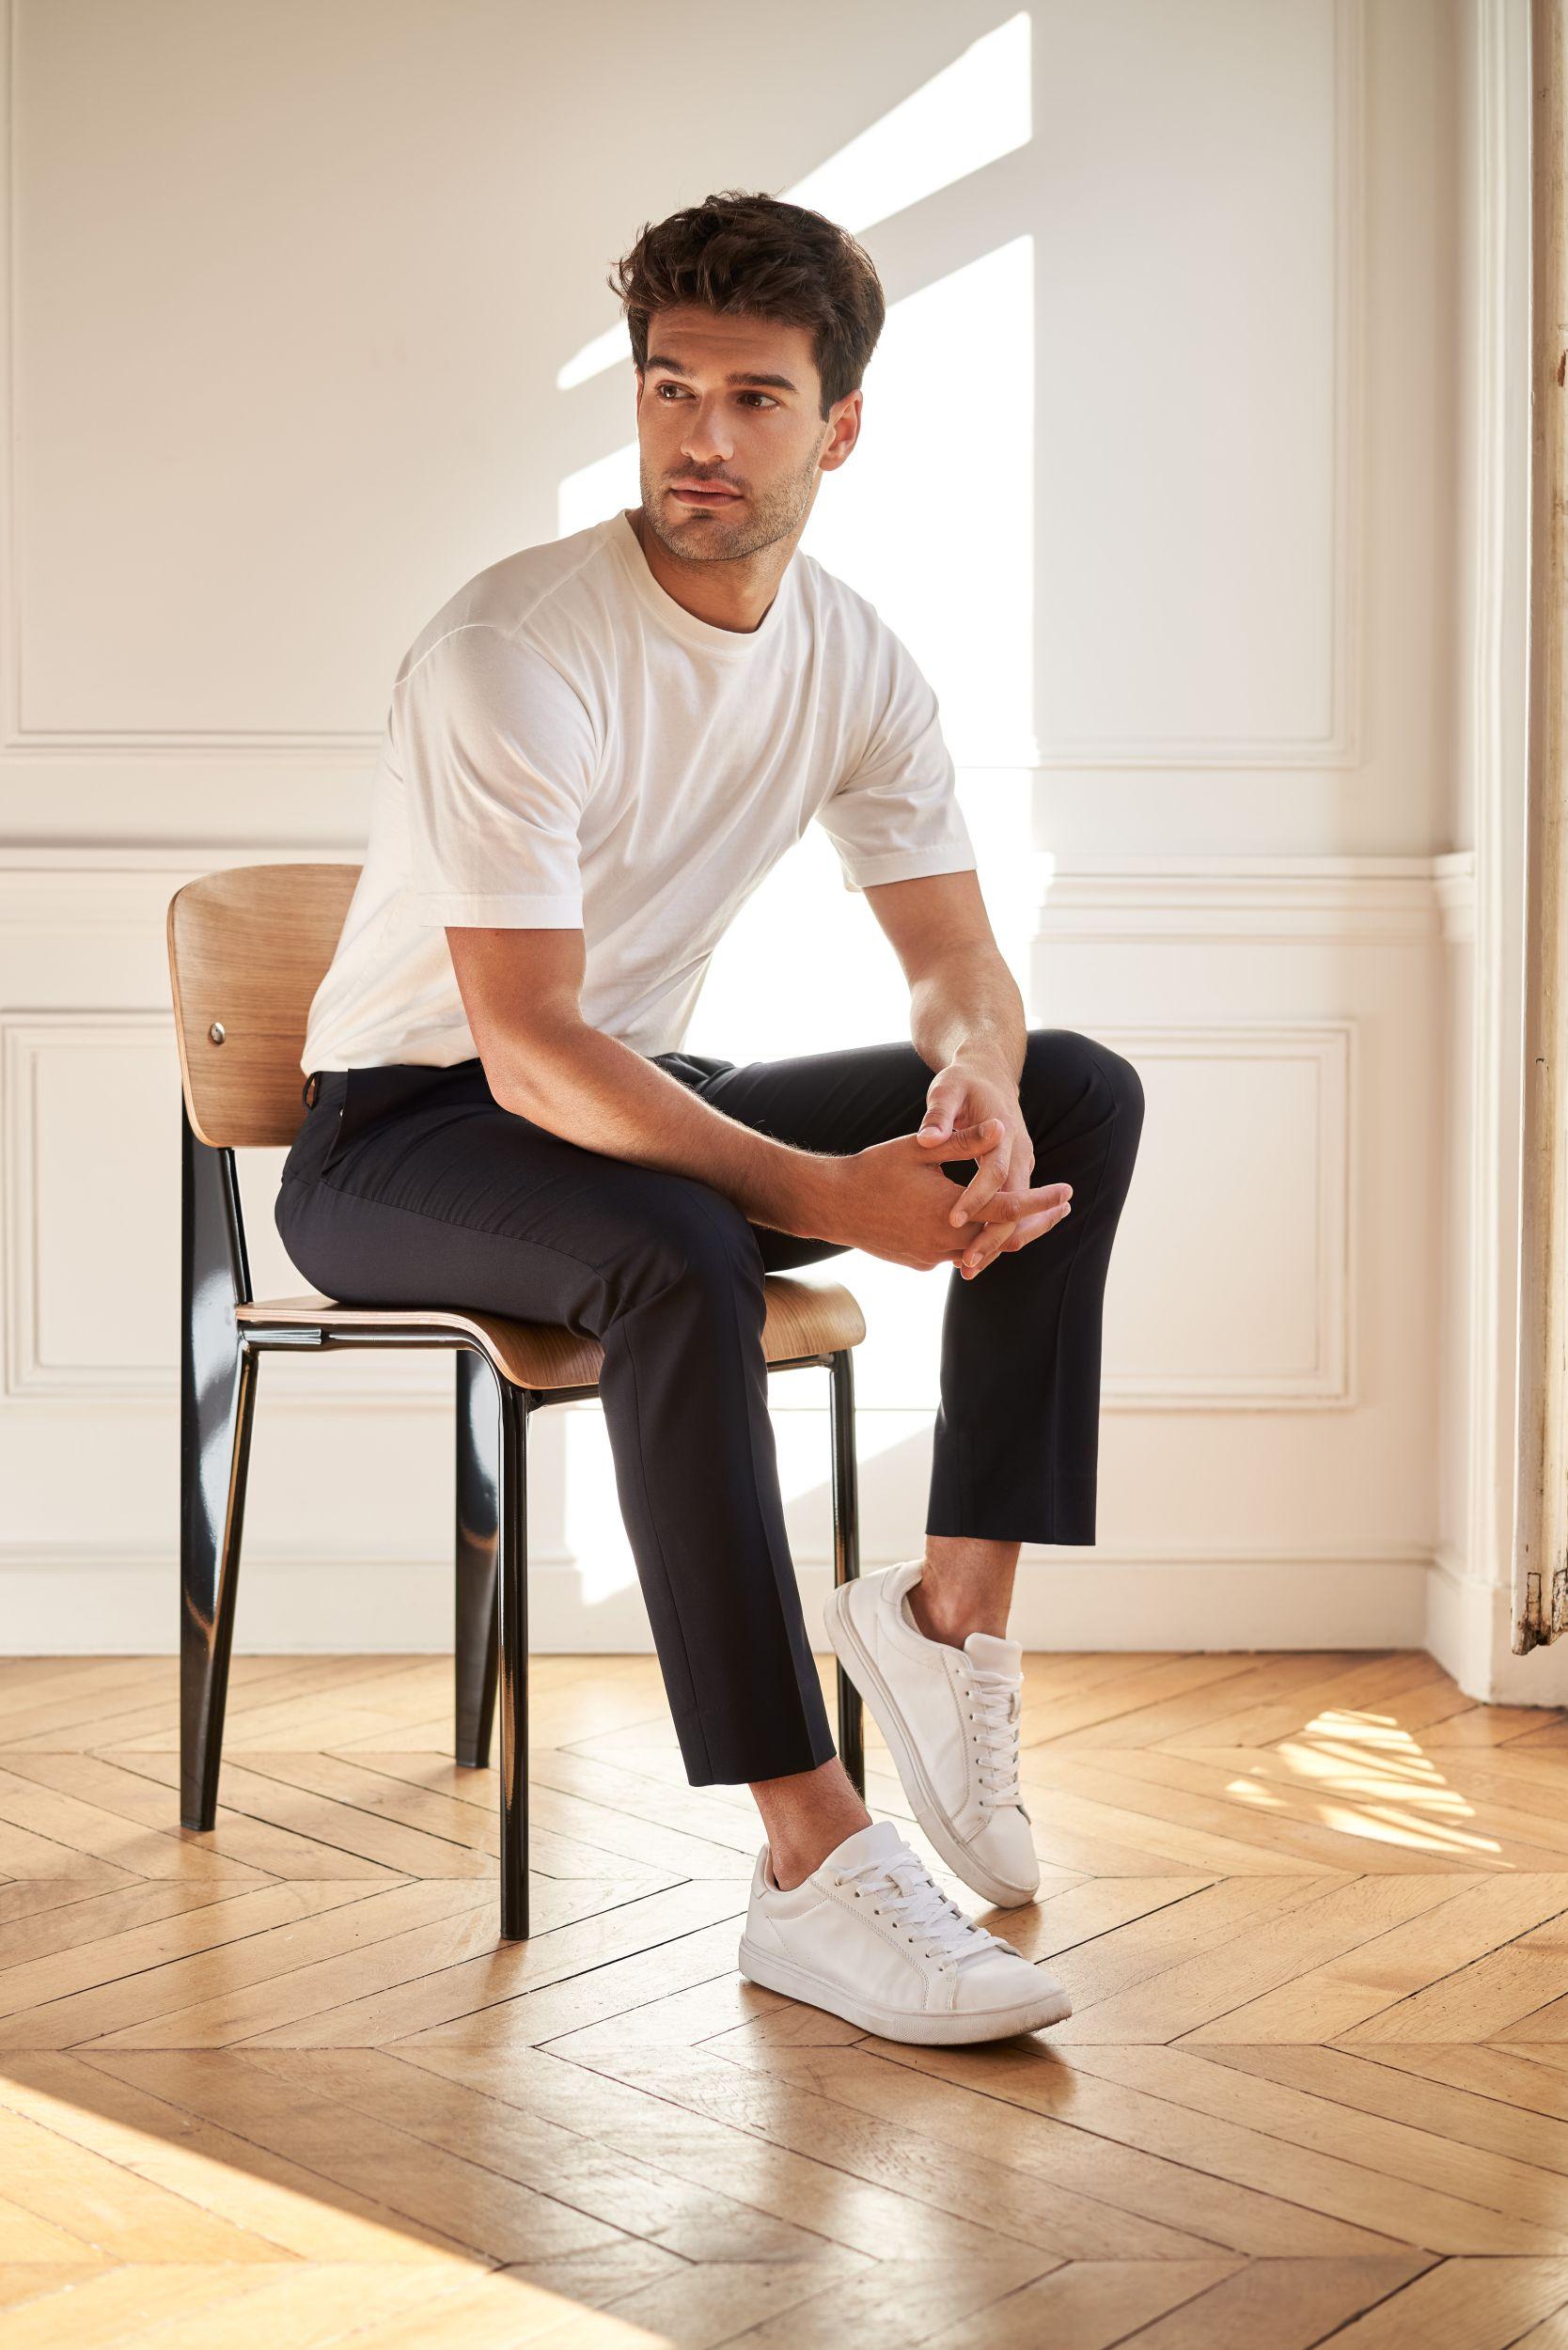 Lautrec_T-Shirt blanc coton bio GOTS et Pantalon Ville laine éthique_portés par Manu Noraced assis sur une chaise design devant un mur blanc